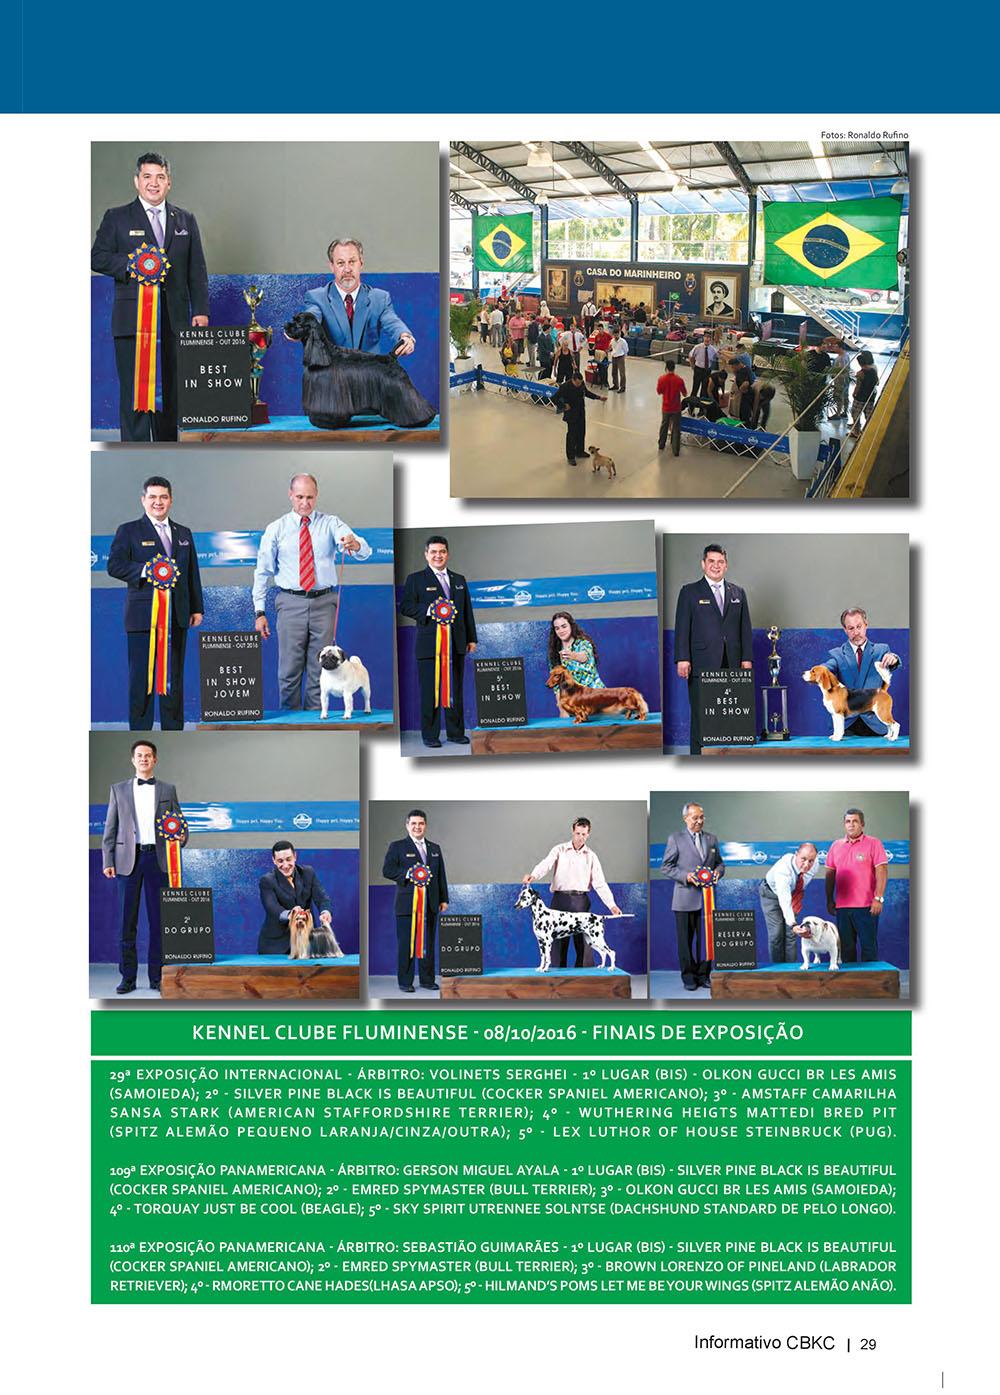 Pagina 29  Edição 53 do Informativo CBKC